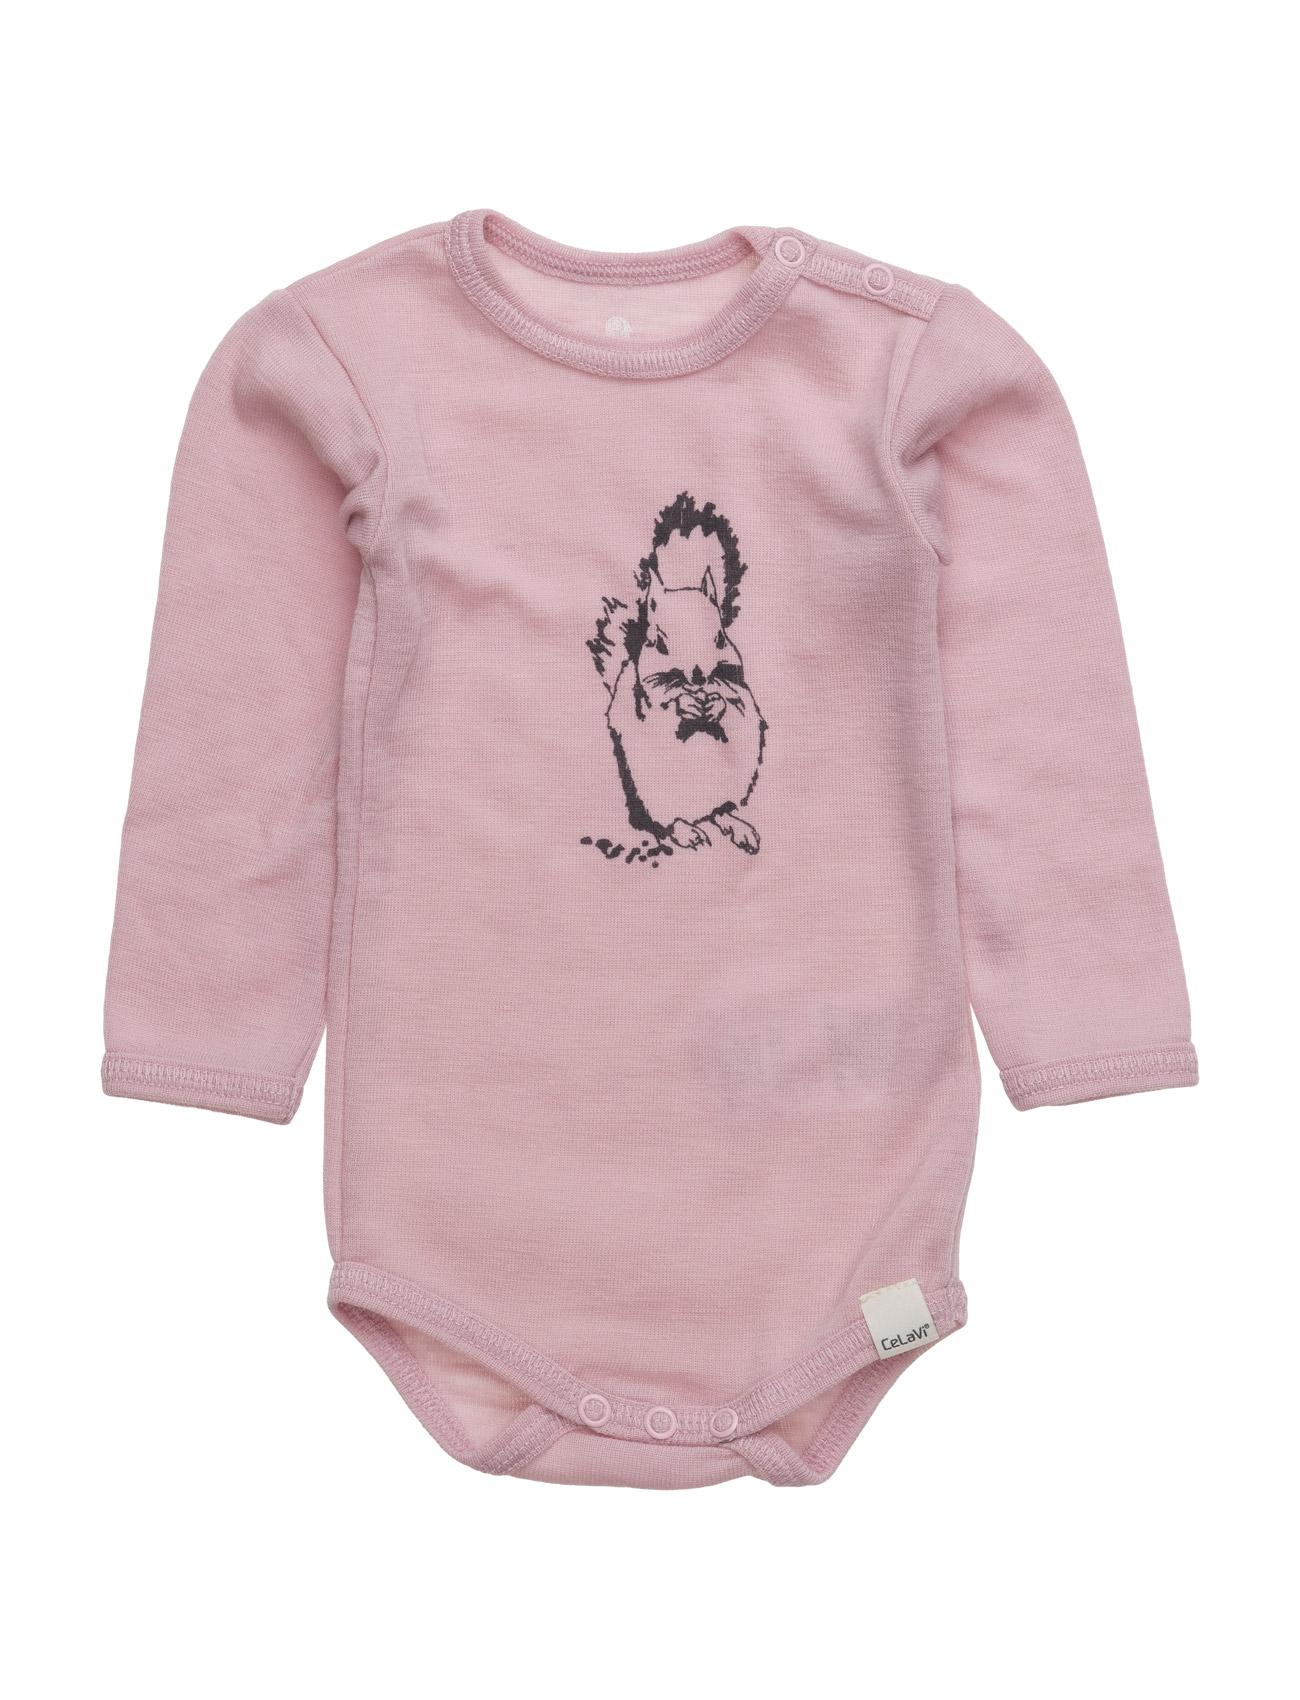 Body Ls Chest-Print Wool CeLaVi Langærmede bodies til Børn i Light Rose